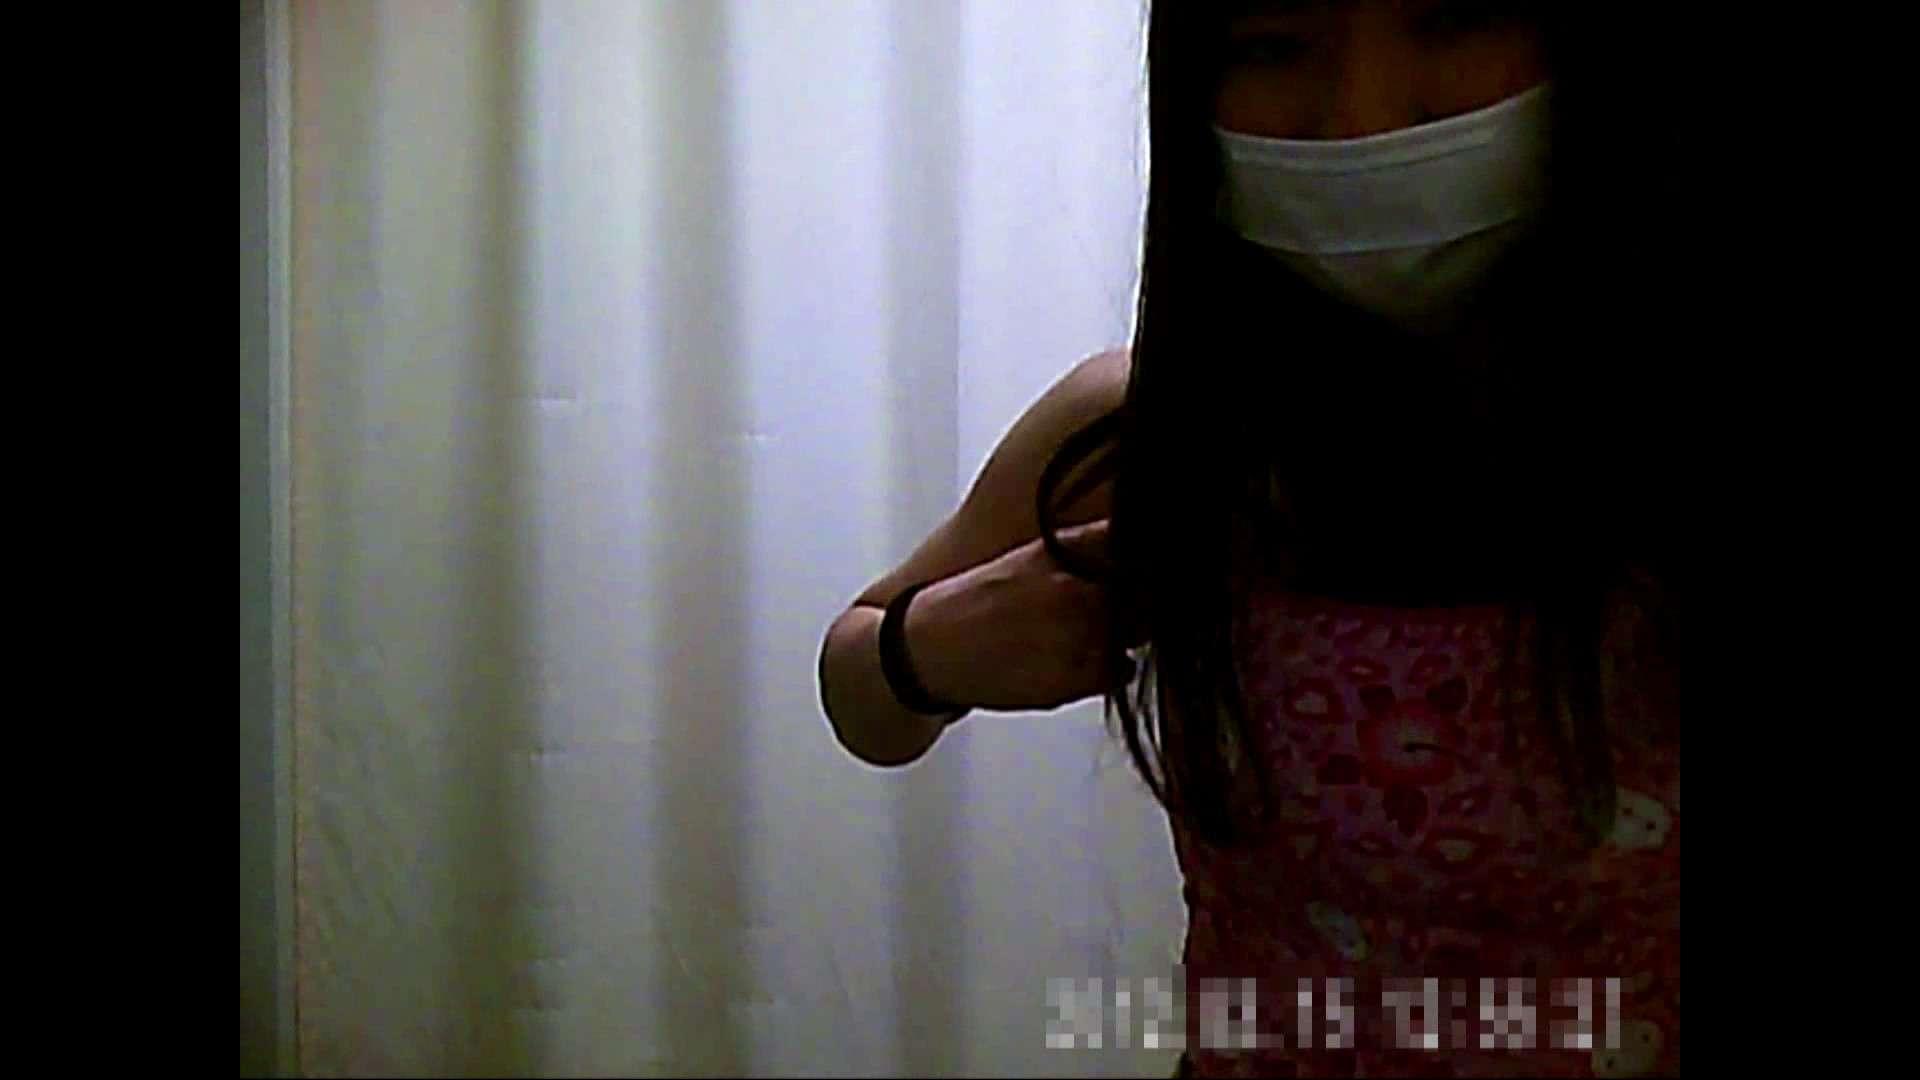 元医者による反抗 更衣室地獄絵巻 vol.270 0  88pic 82